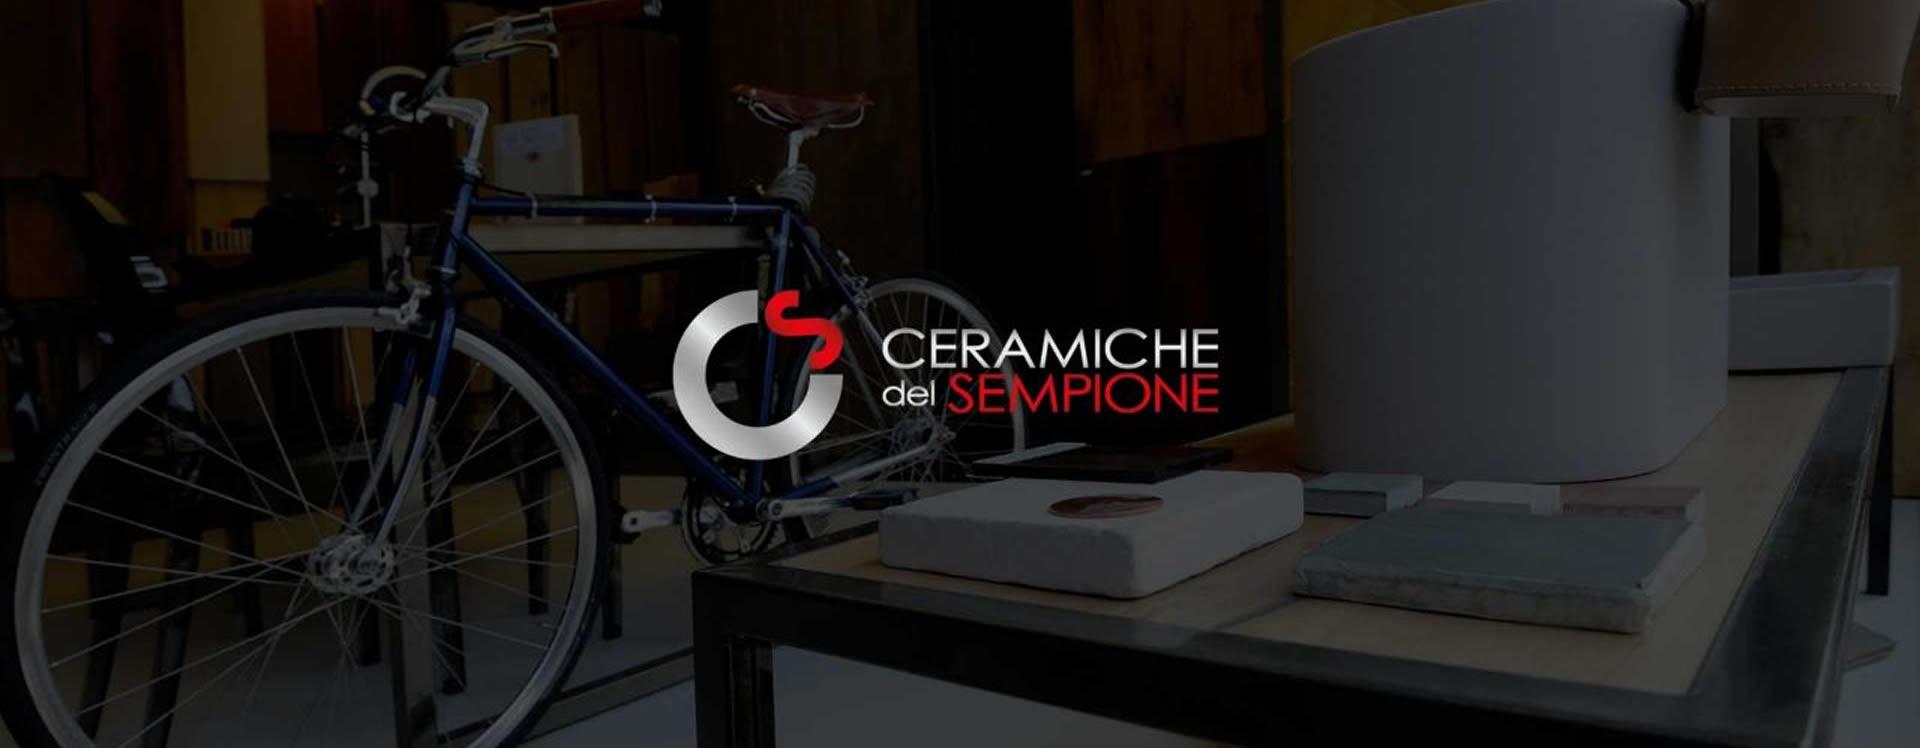 Local marketing online Ceramiche del Sempione